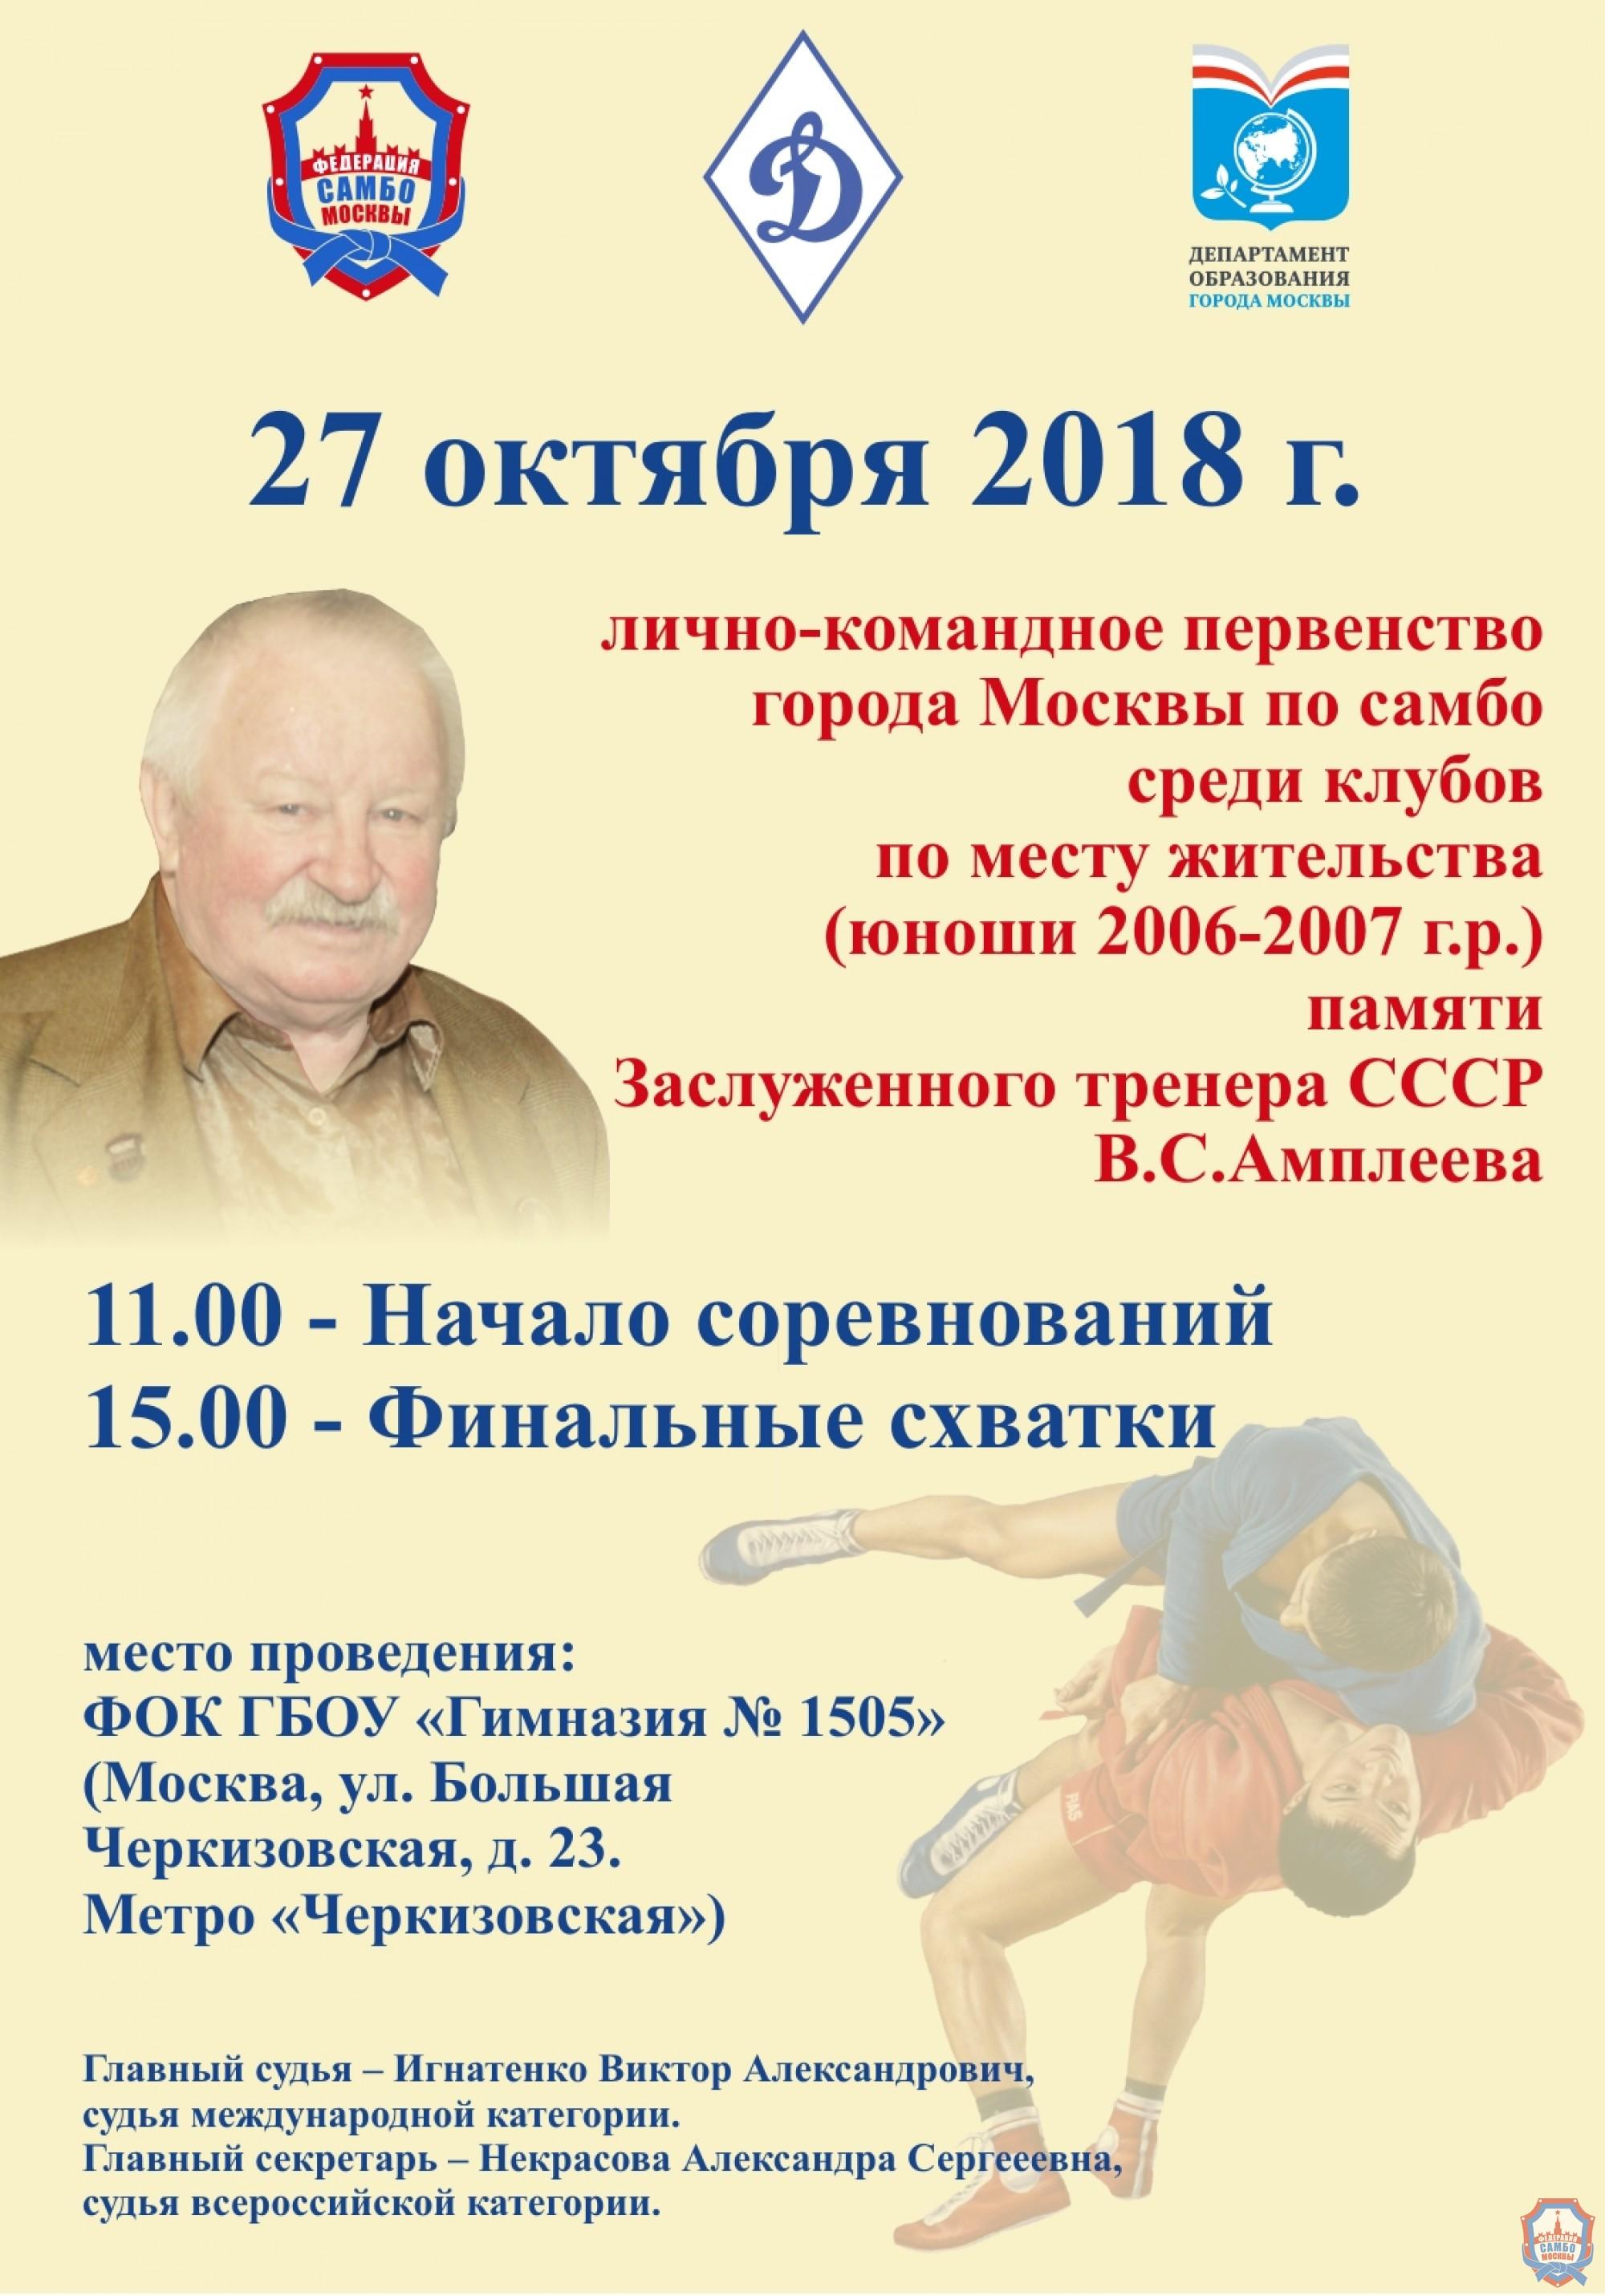 клубы по месту жительства в москве